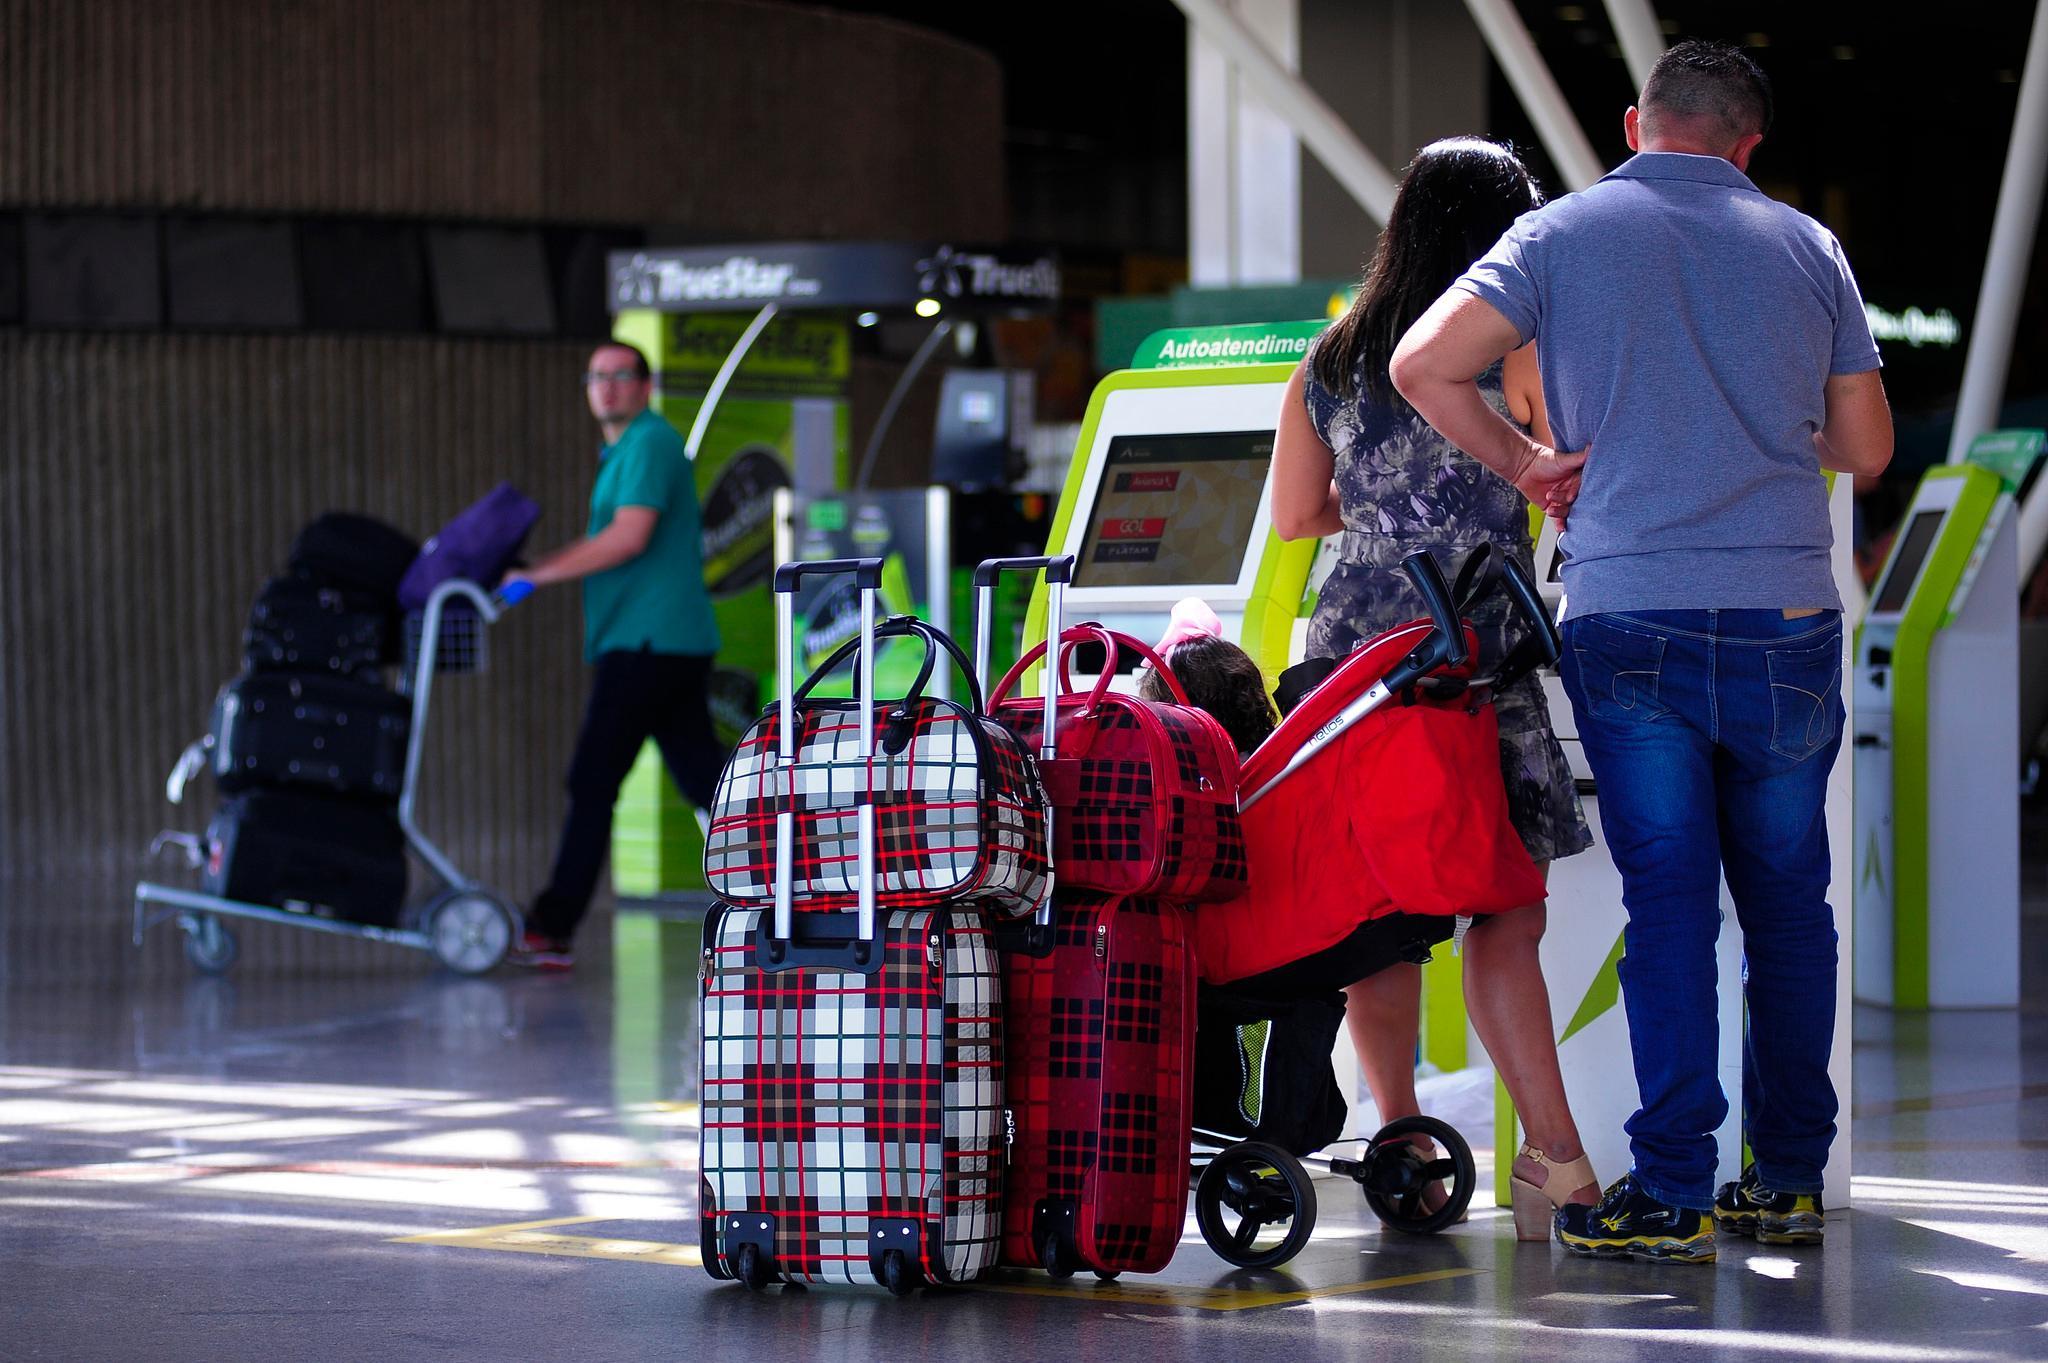 Aeroporto, malas e tripulação de avião